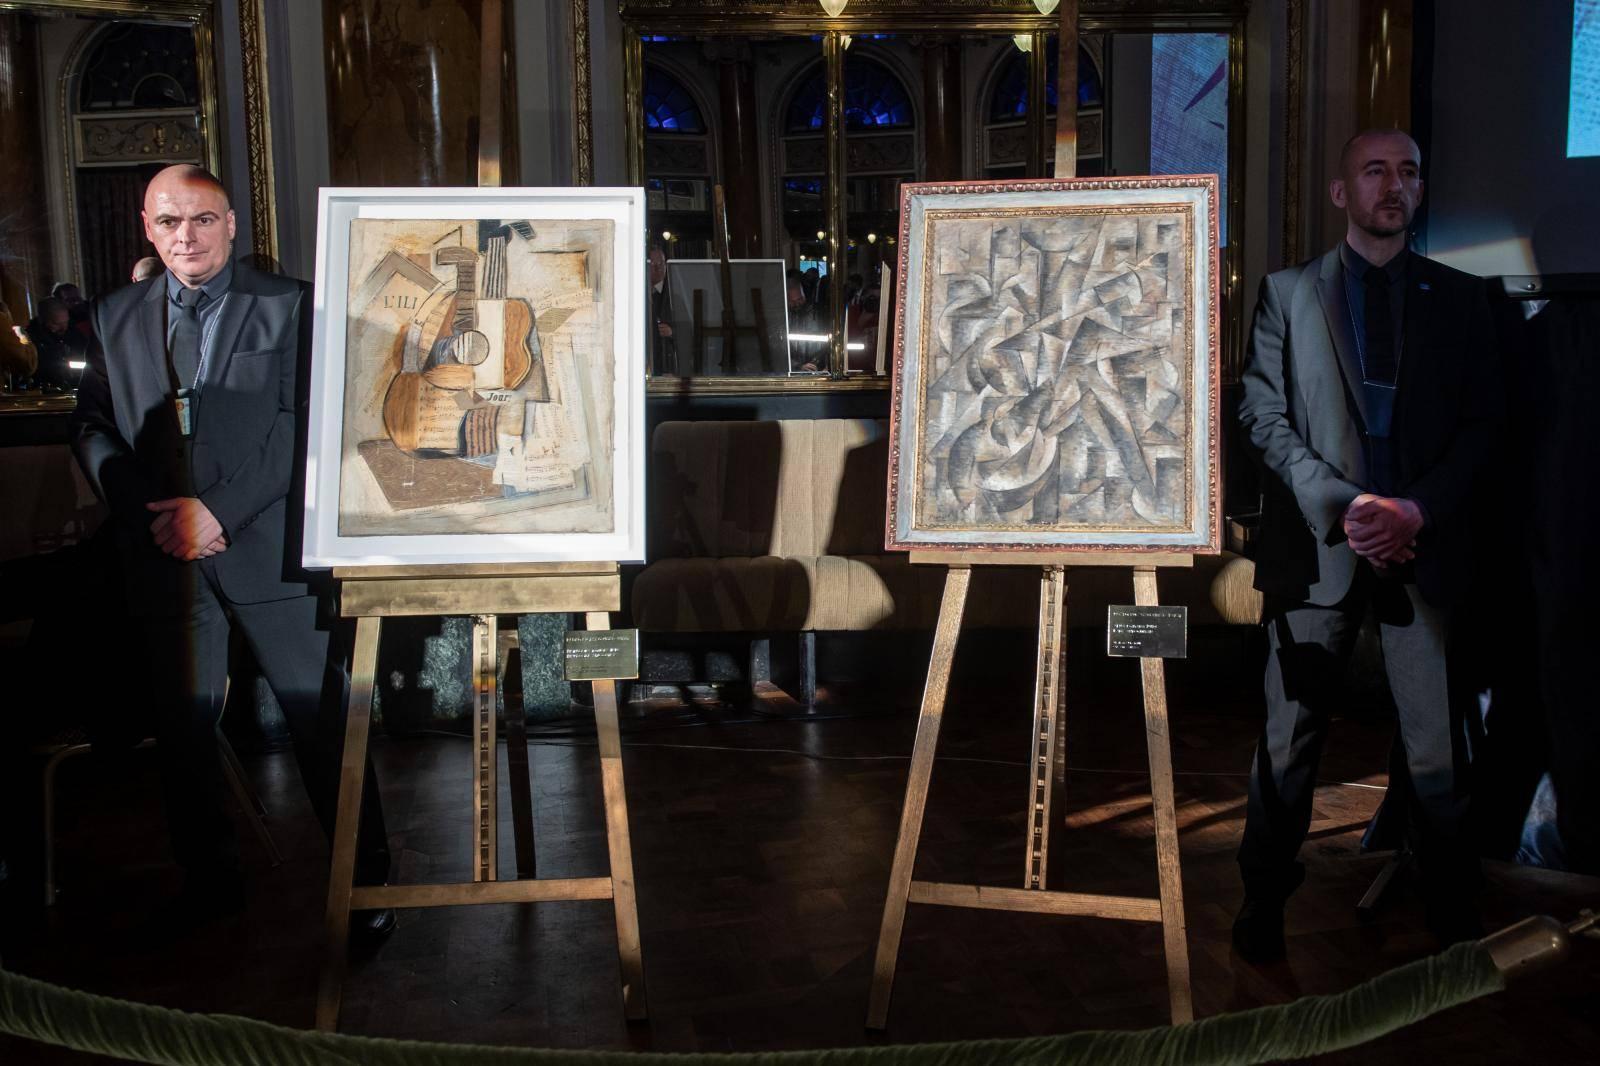 Vlasnik Hrvat: Predstavili dva djela, autor je Pablo Picasso?